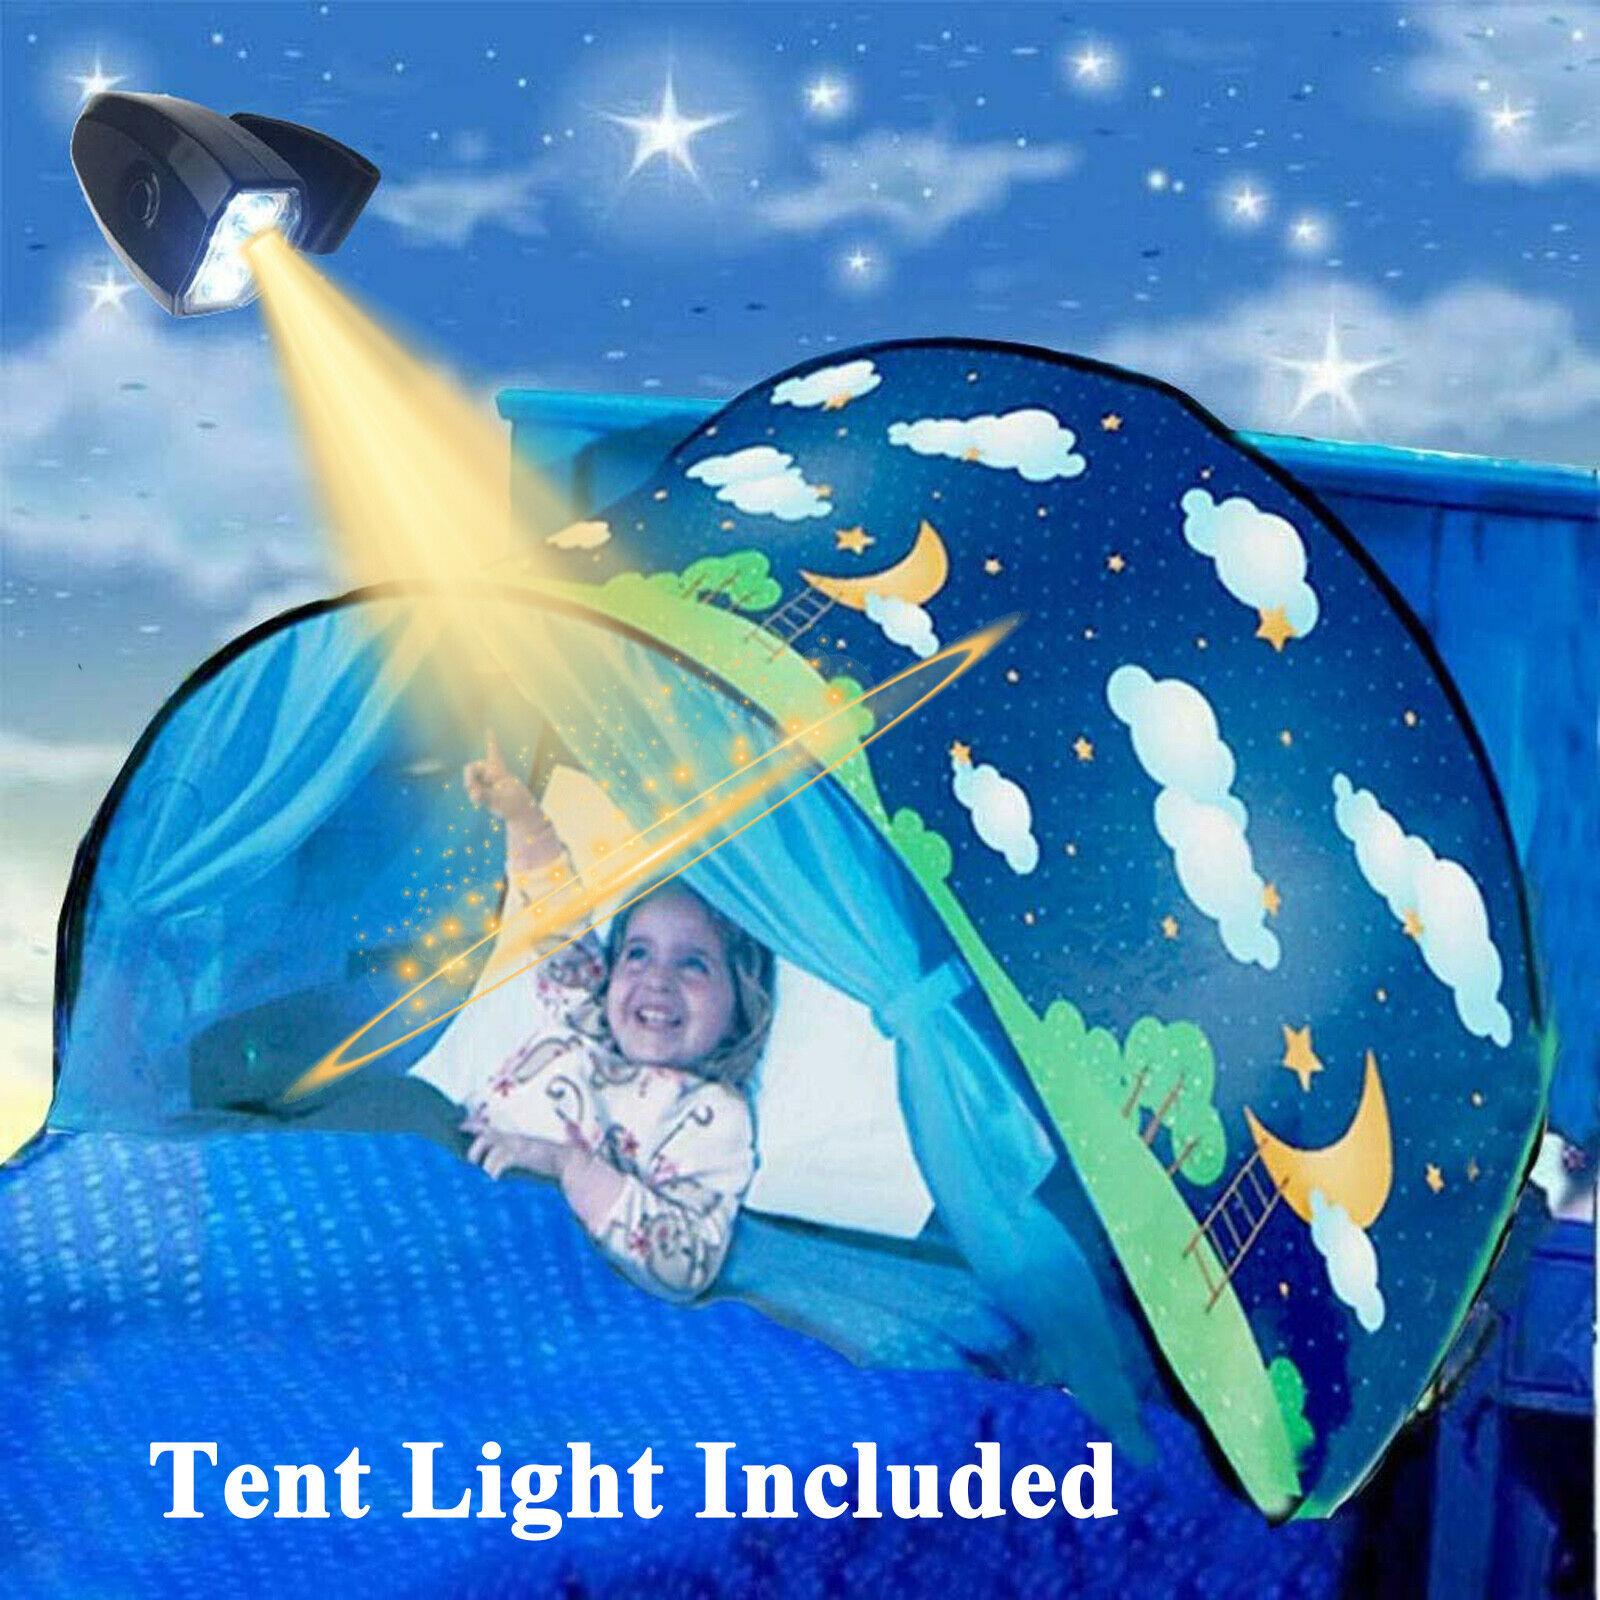 키즈 드림 침대 텐트 라이트 스토리지 포켓 어린이 소년 소녀 밤 잠자는 접이식 팝업 매트리스 텐트 플레이 하우스 유니콘